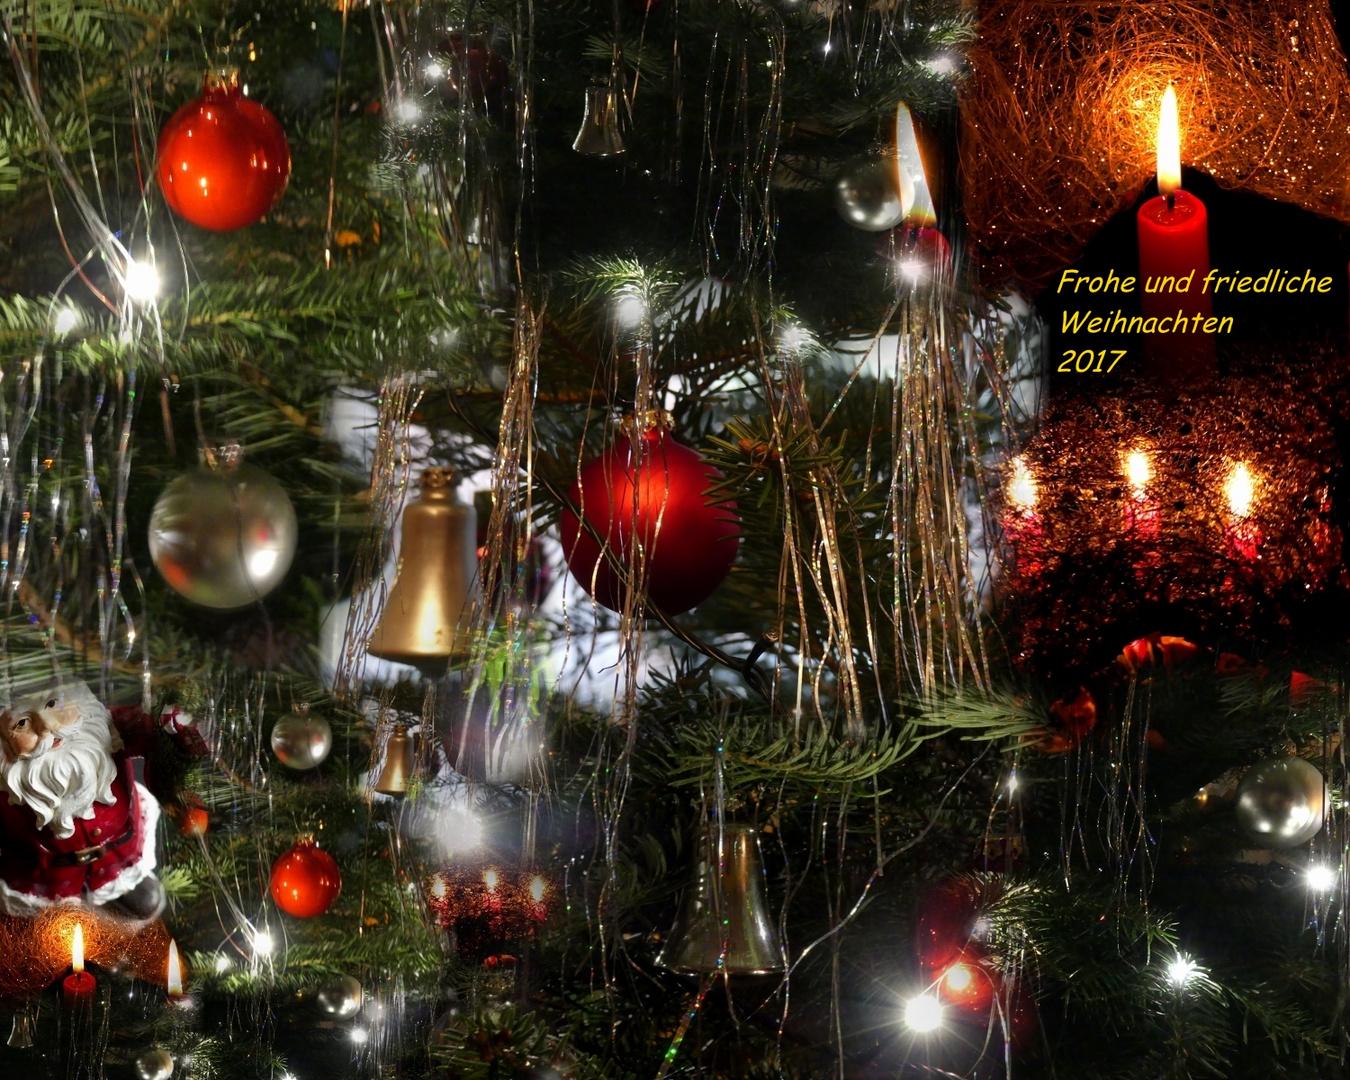 Frohe Weihnachten Besinnlich.Frohe Und Besinnliche Weihnachten Foto Bild Weihnachten